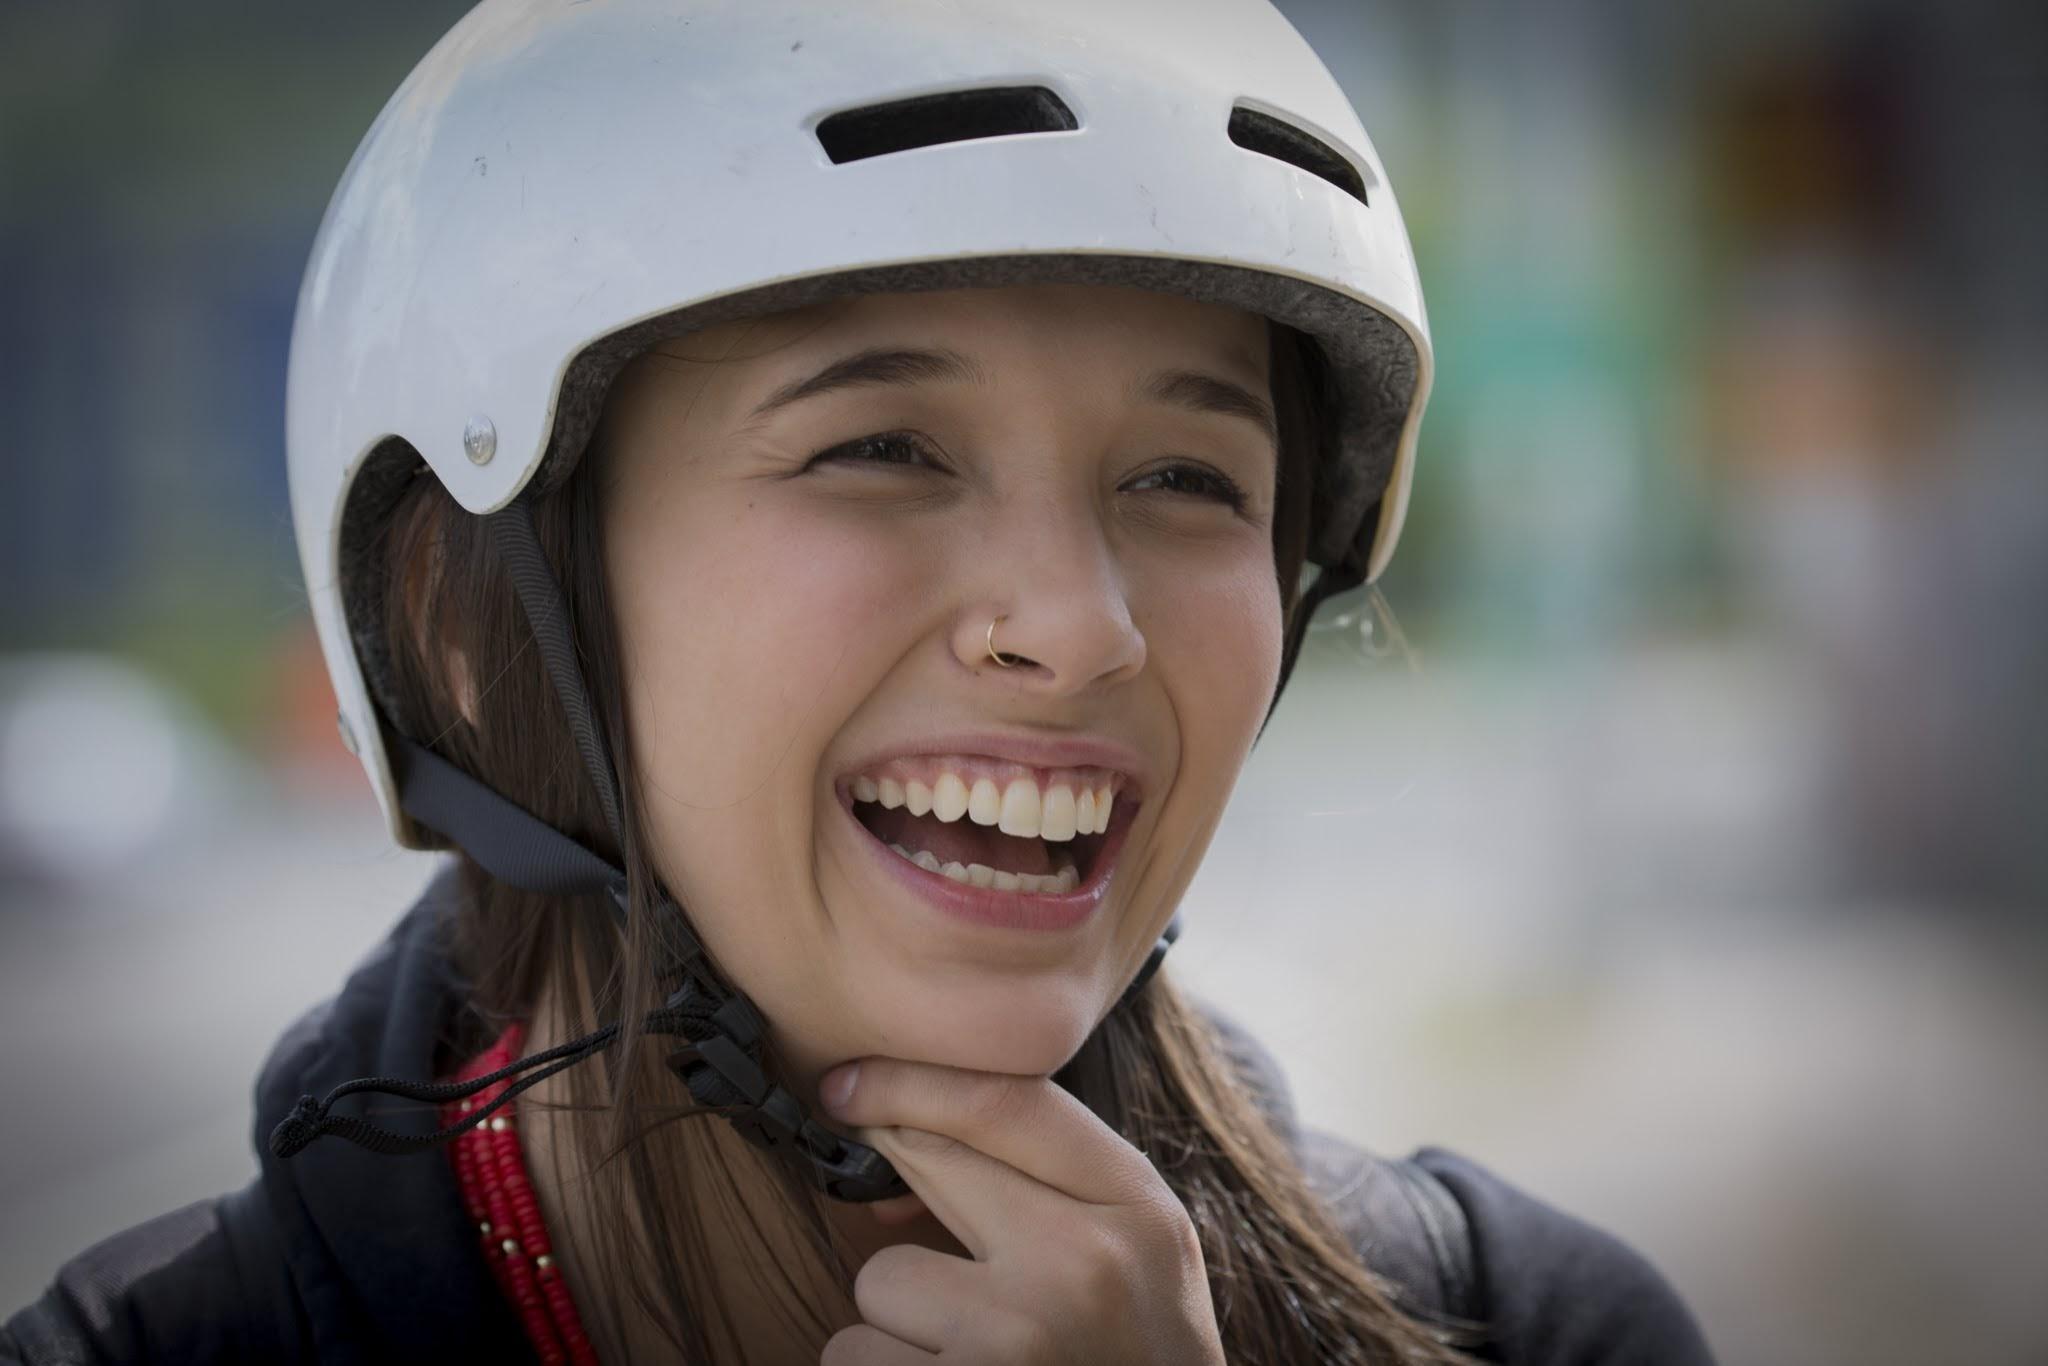 Smiling woman in bike helmet